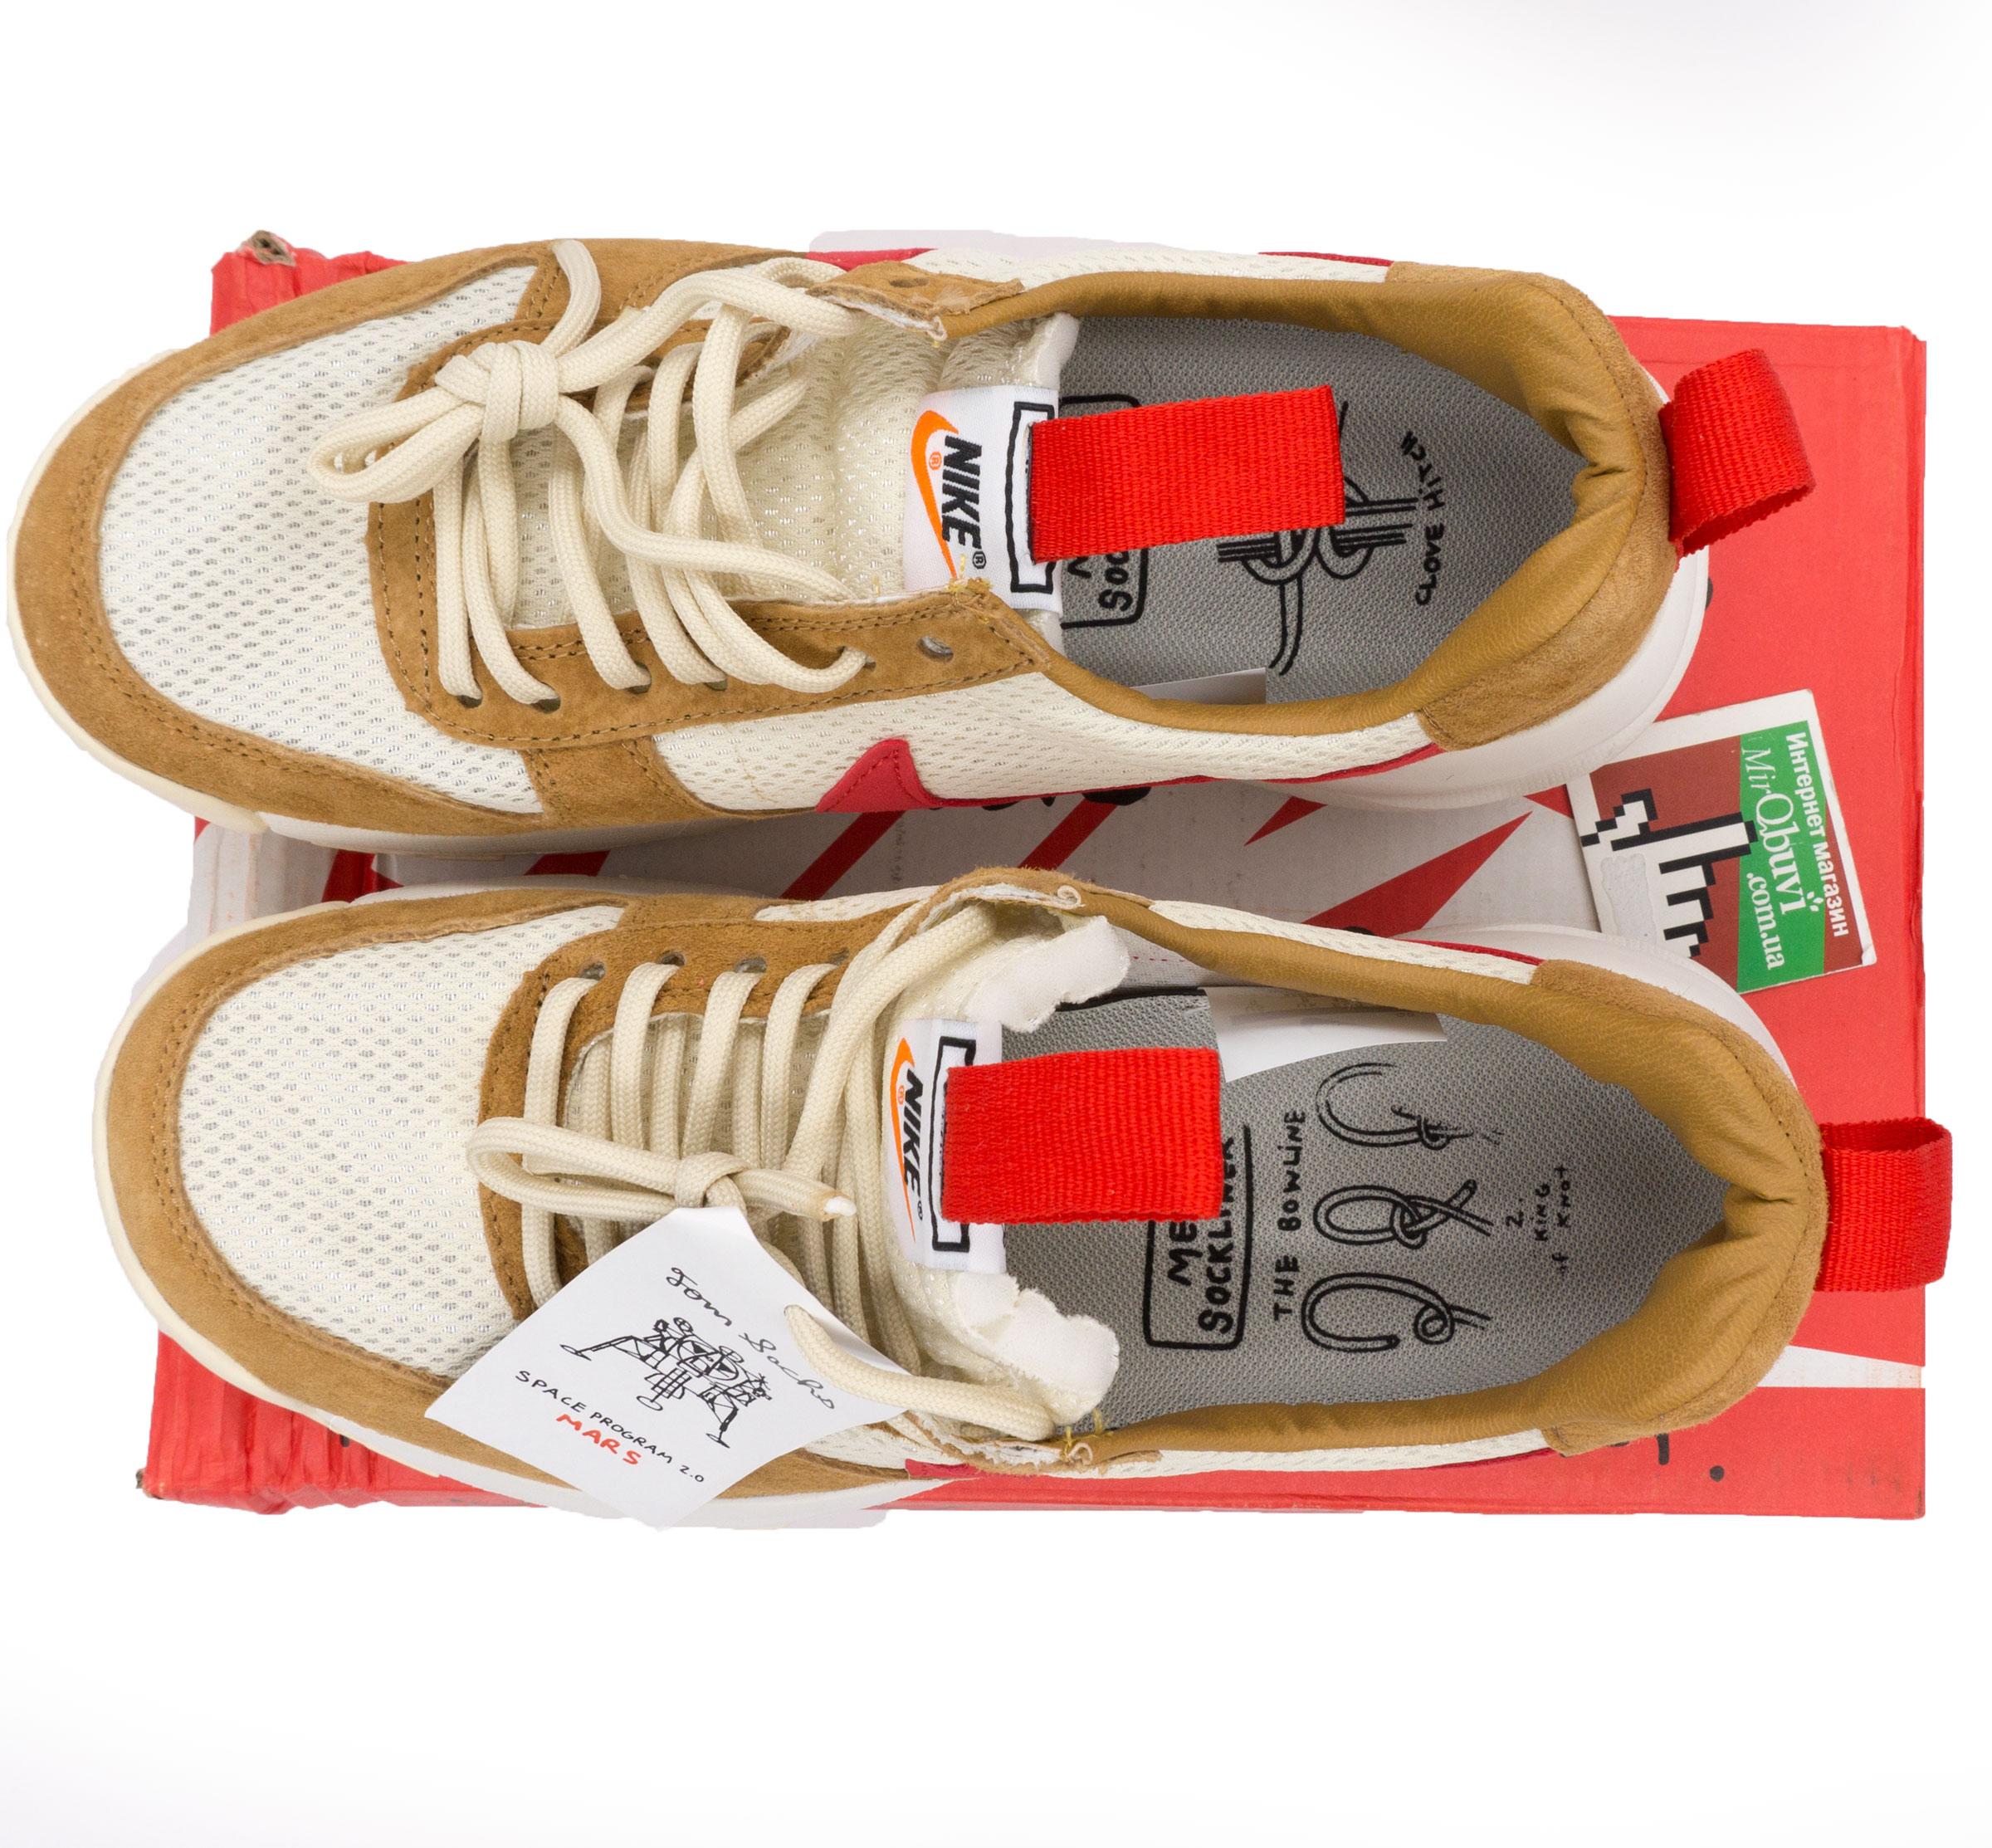 фото back Мужские кроссовки Nike Mars Yard 2.0 желтые. Топ качество! back